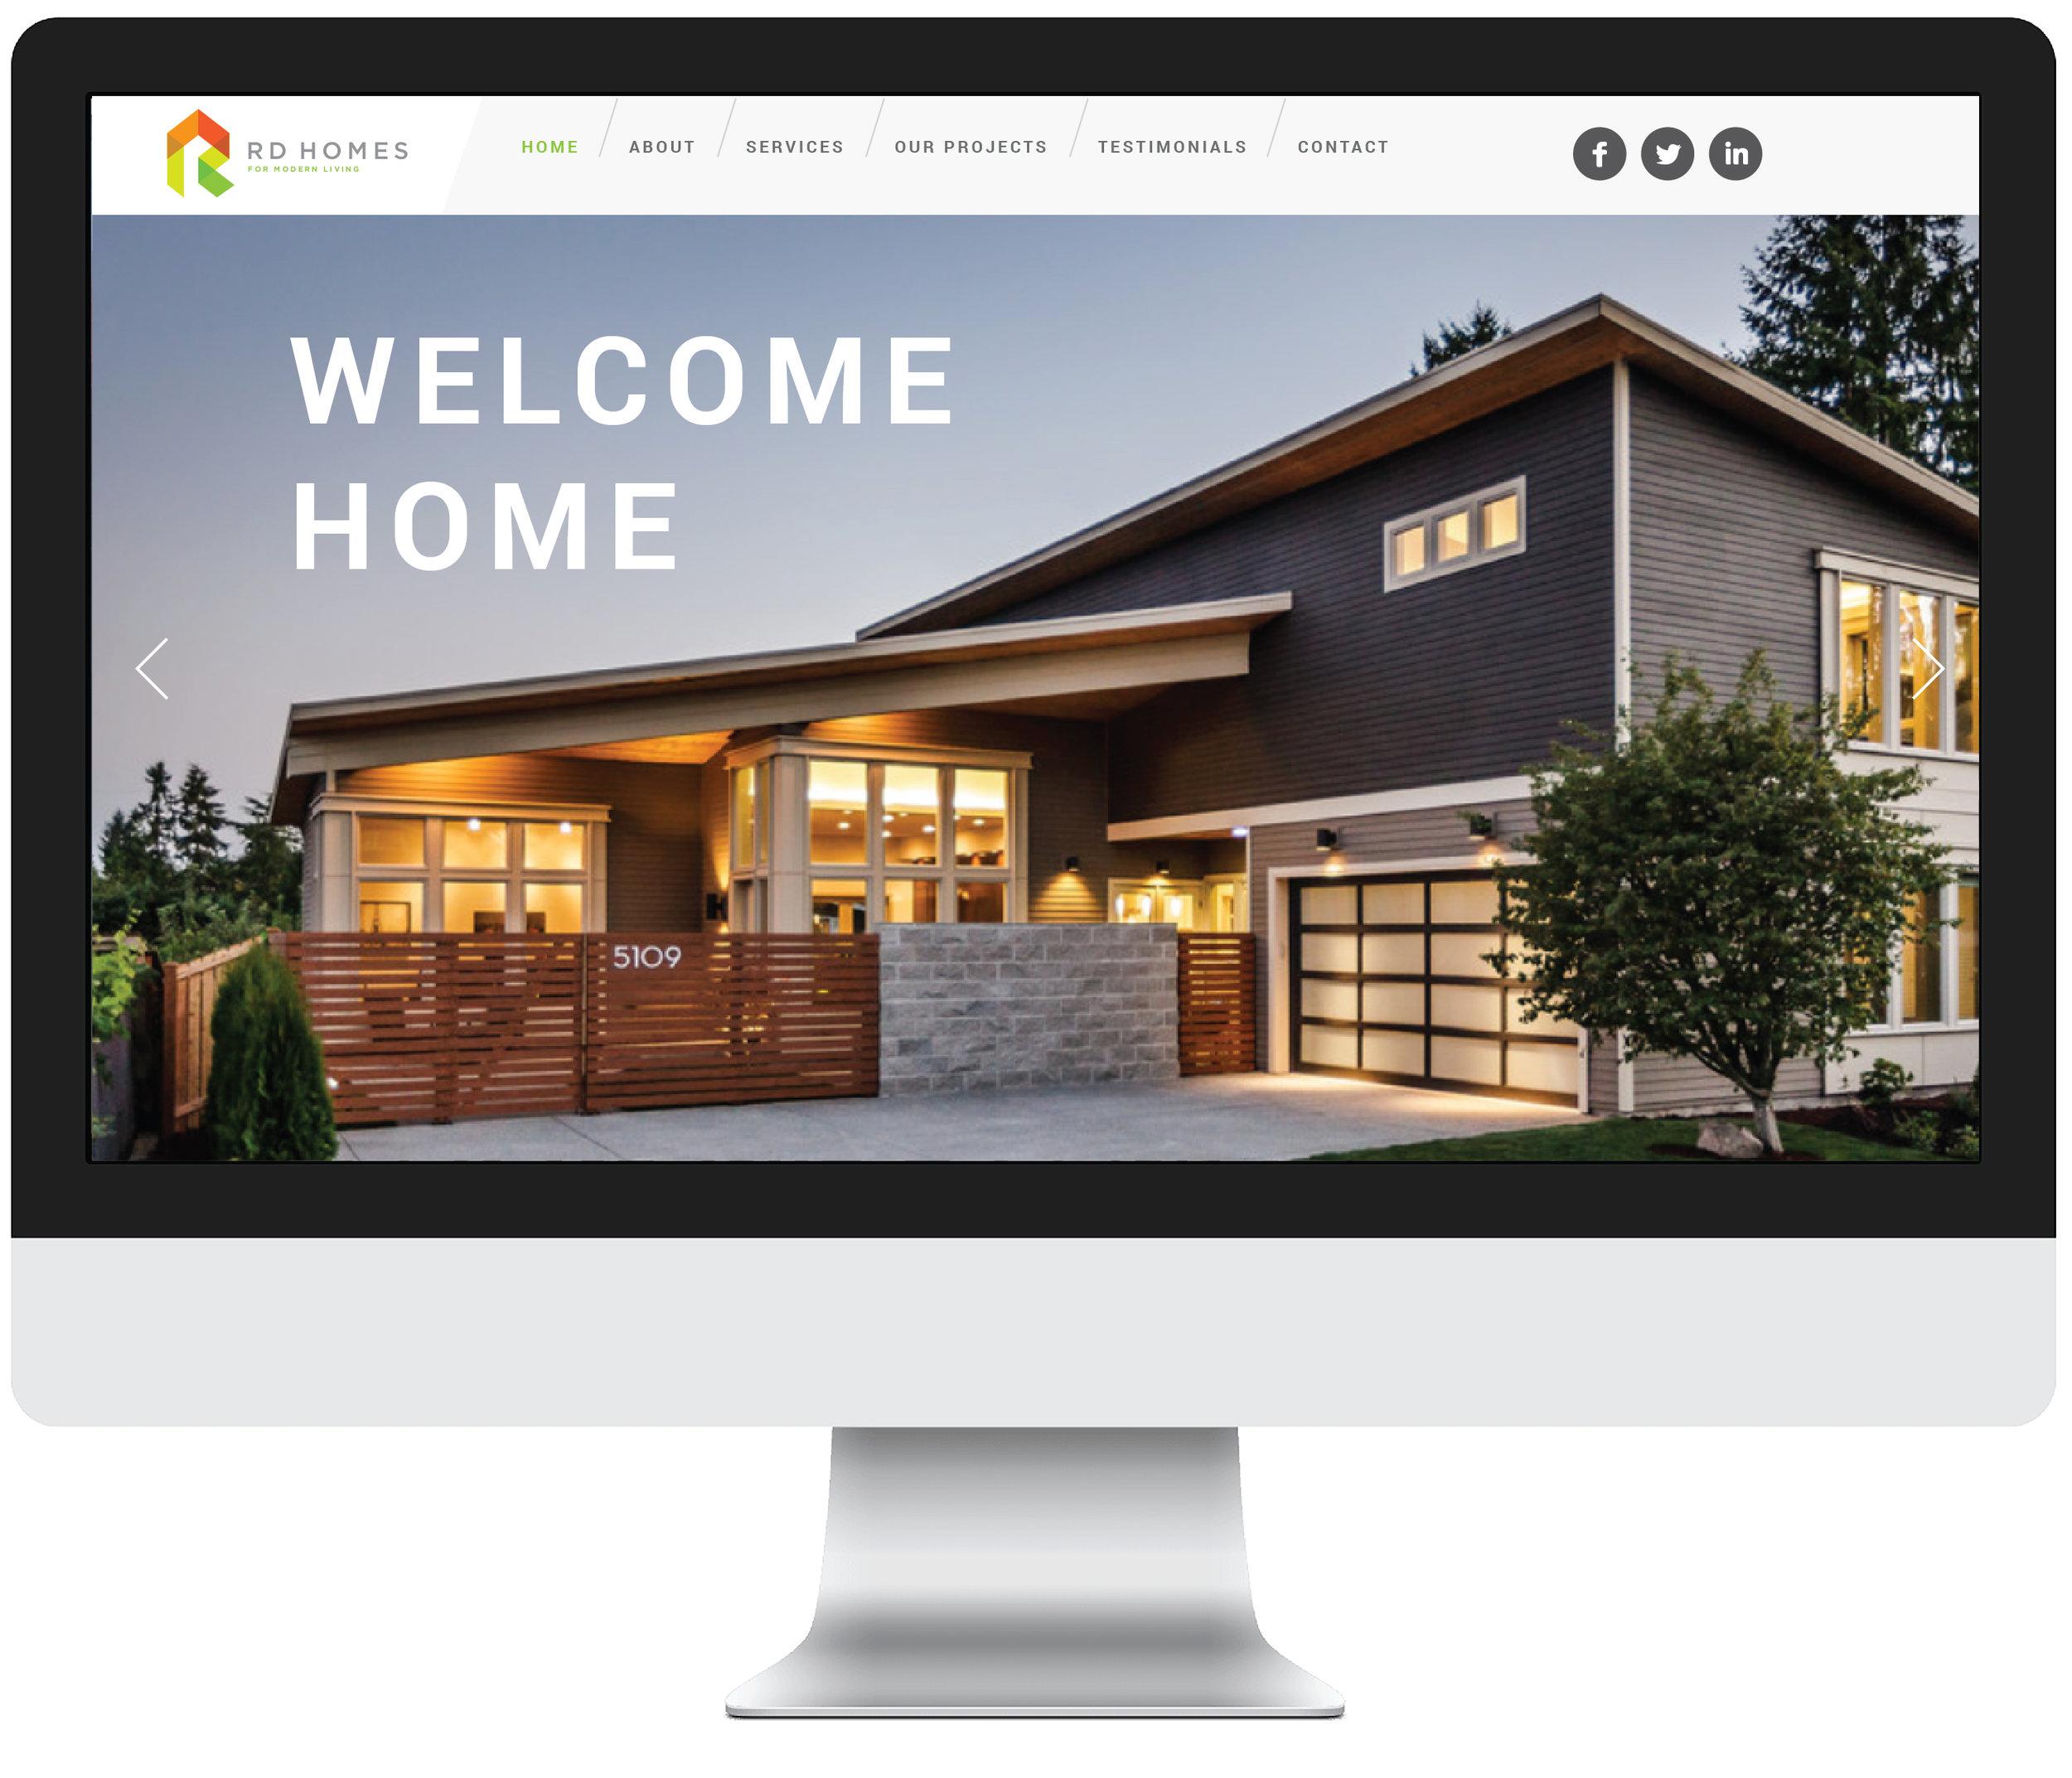 RD-Homes_Website-Design-Yuri-Shvets-1.jpg